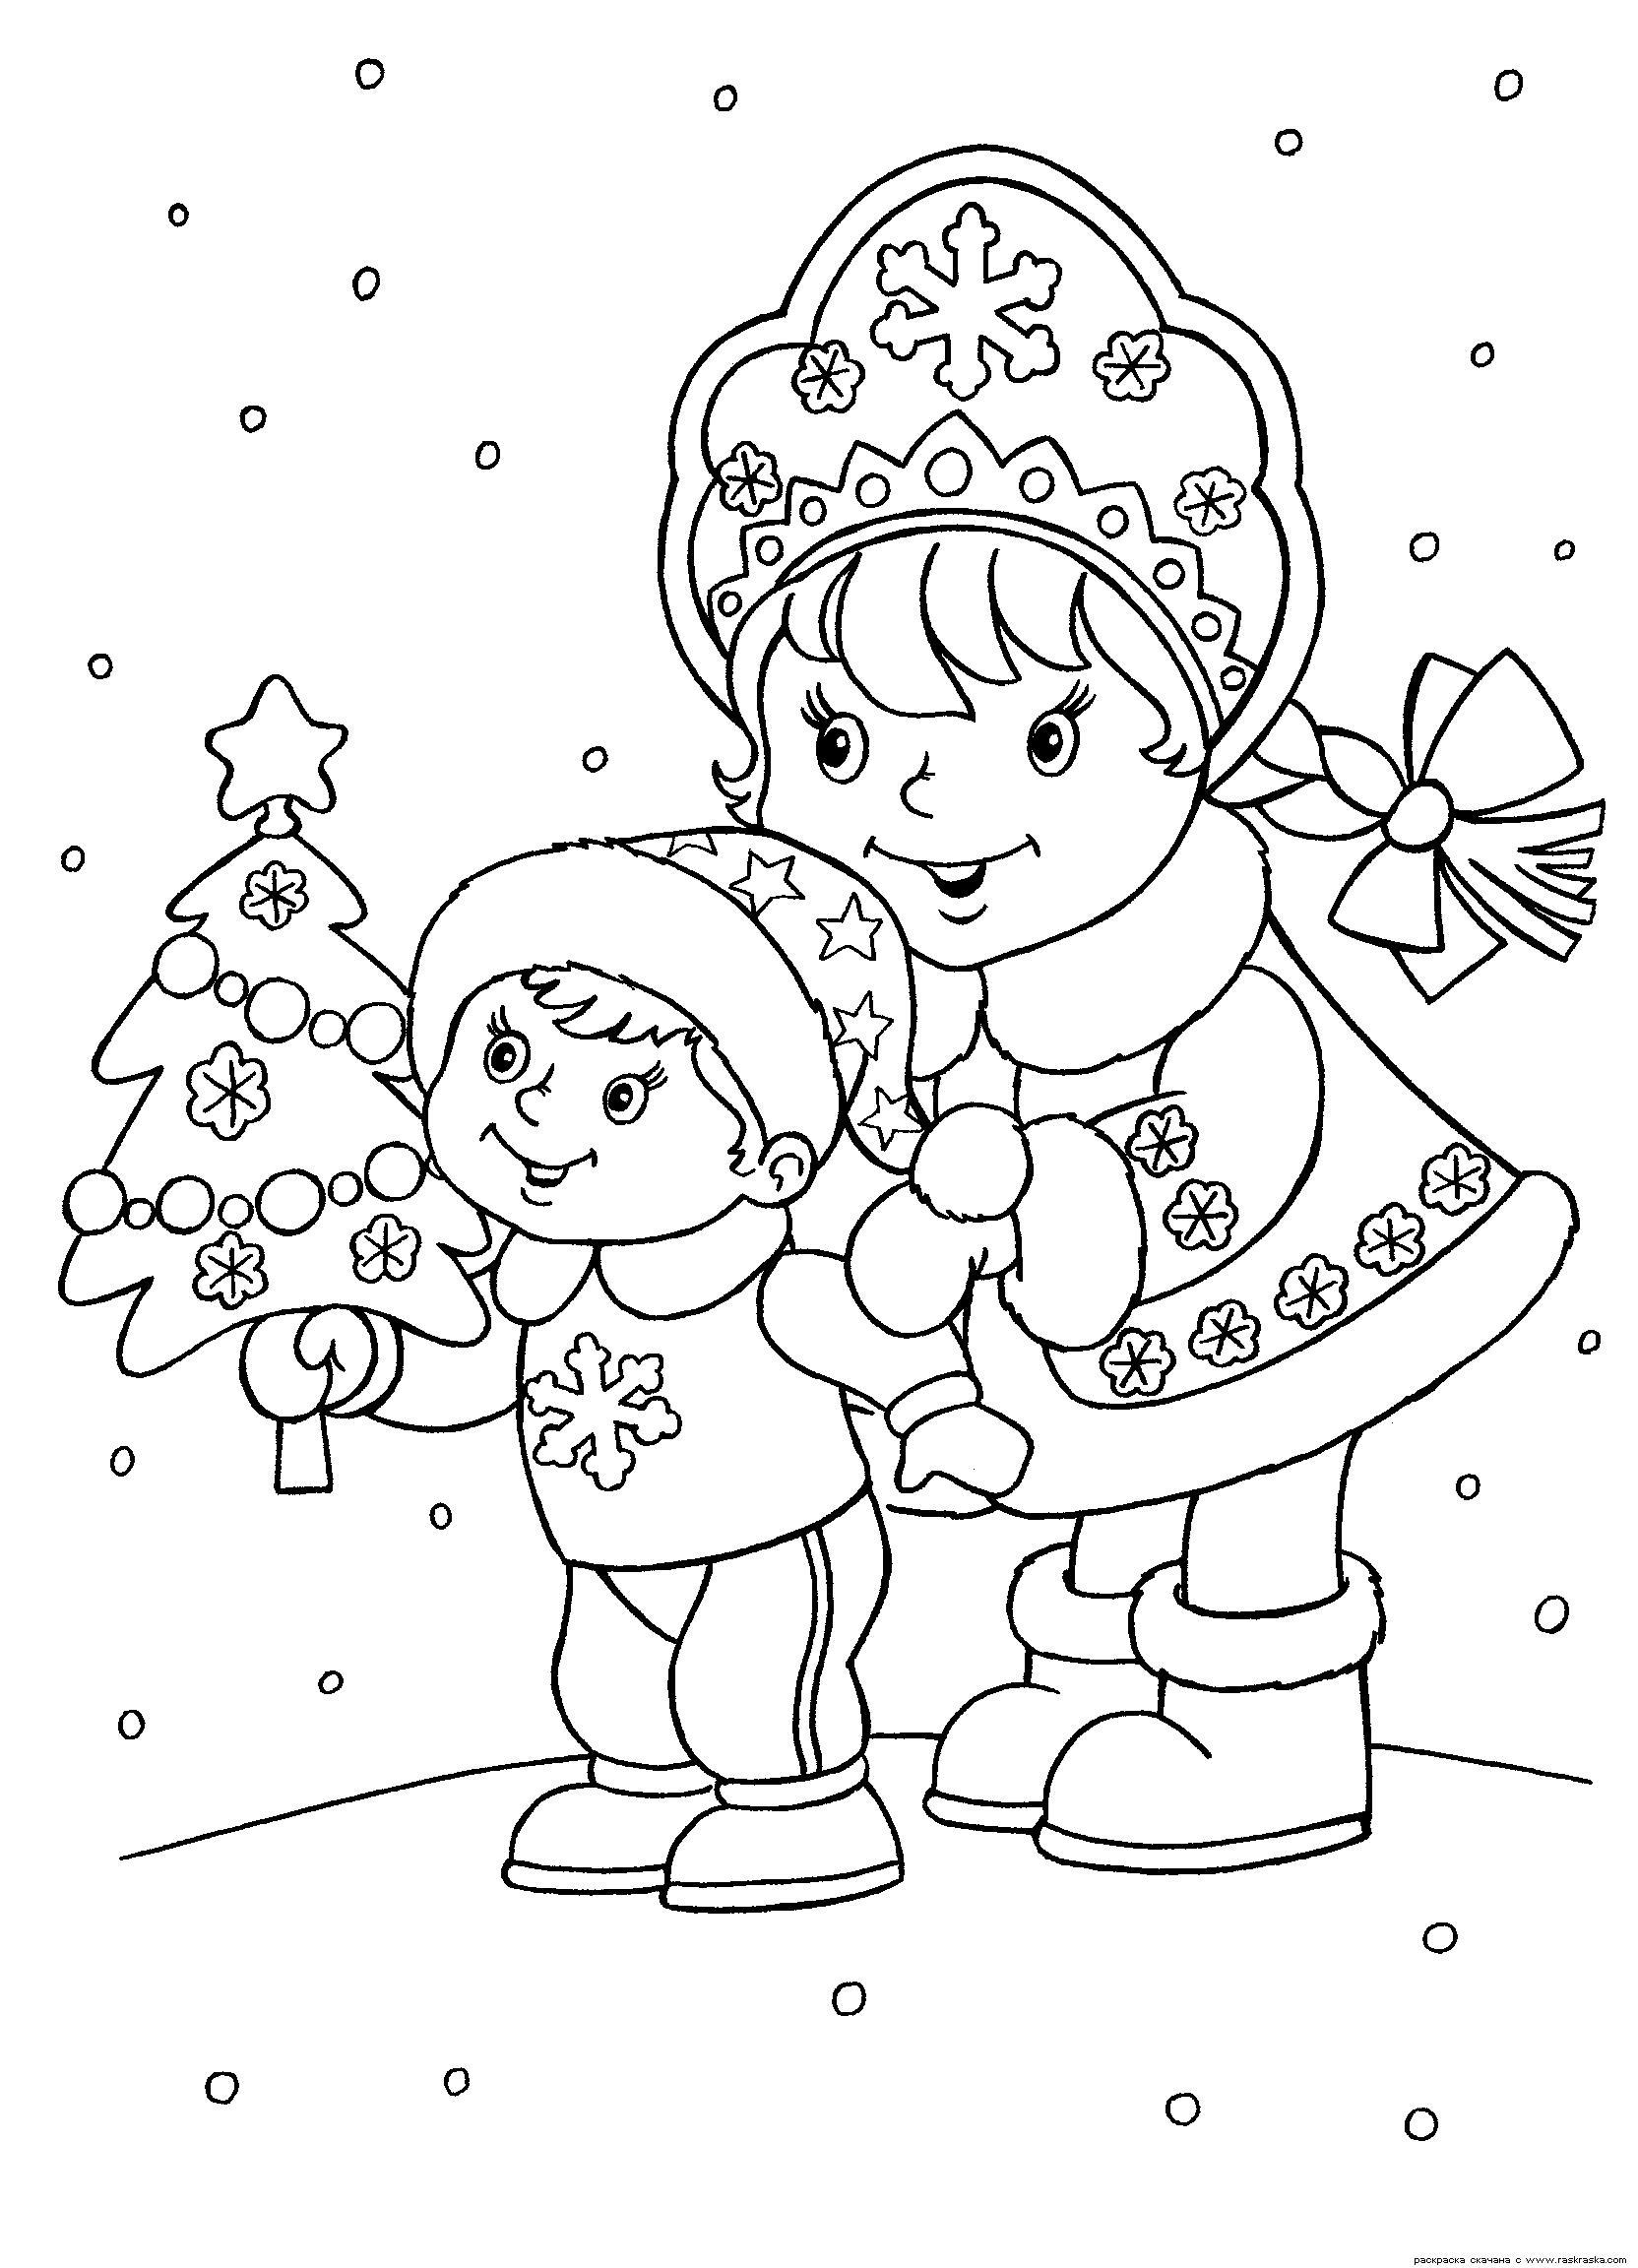 Снегурочка с мальчиком и елочкой Раскраски зима скачать бесплатно